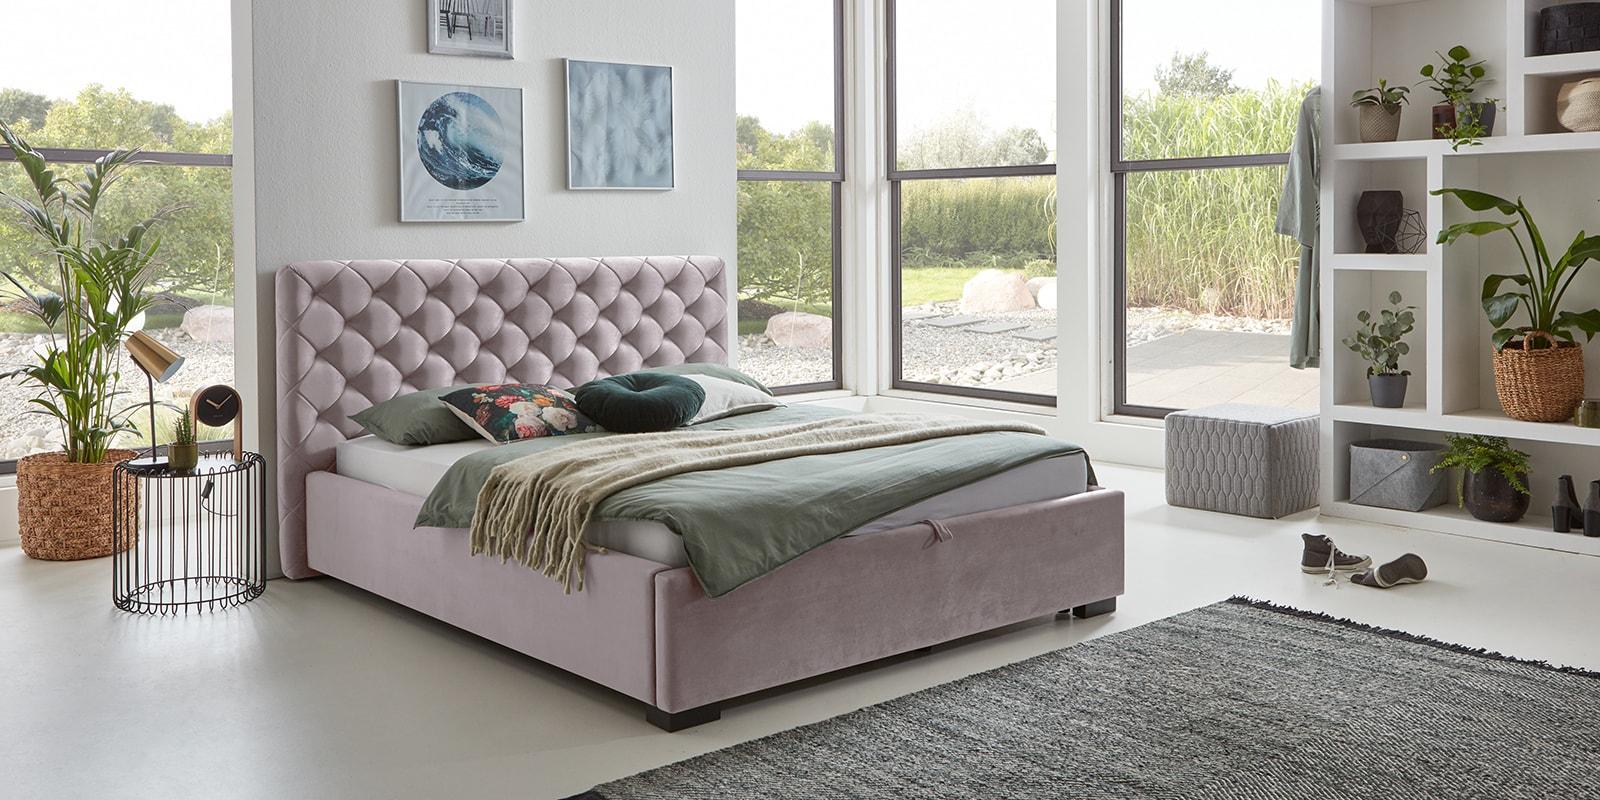 Moebella24 - Bett - mit - Bettkasten - Elsa - Samt - Rose - Stauraum - Versteppungen - am - Kopfteil